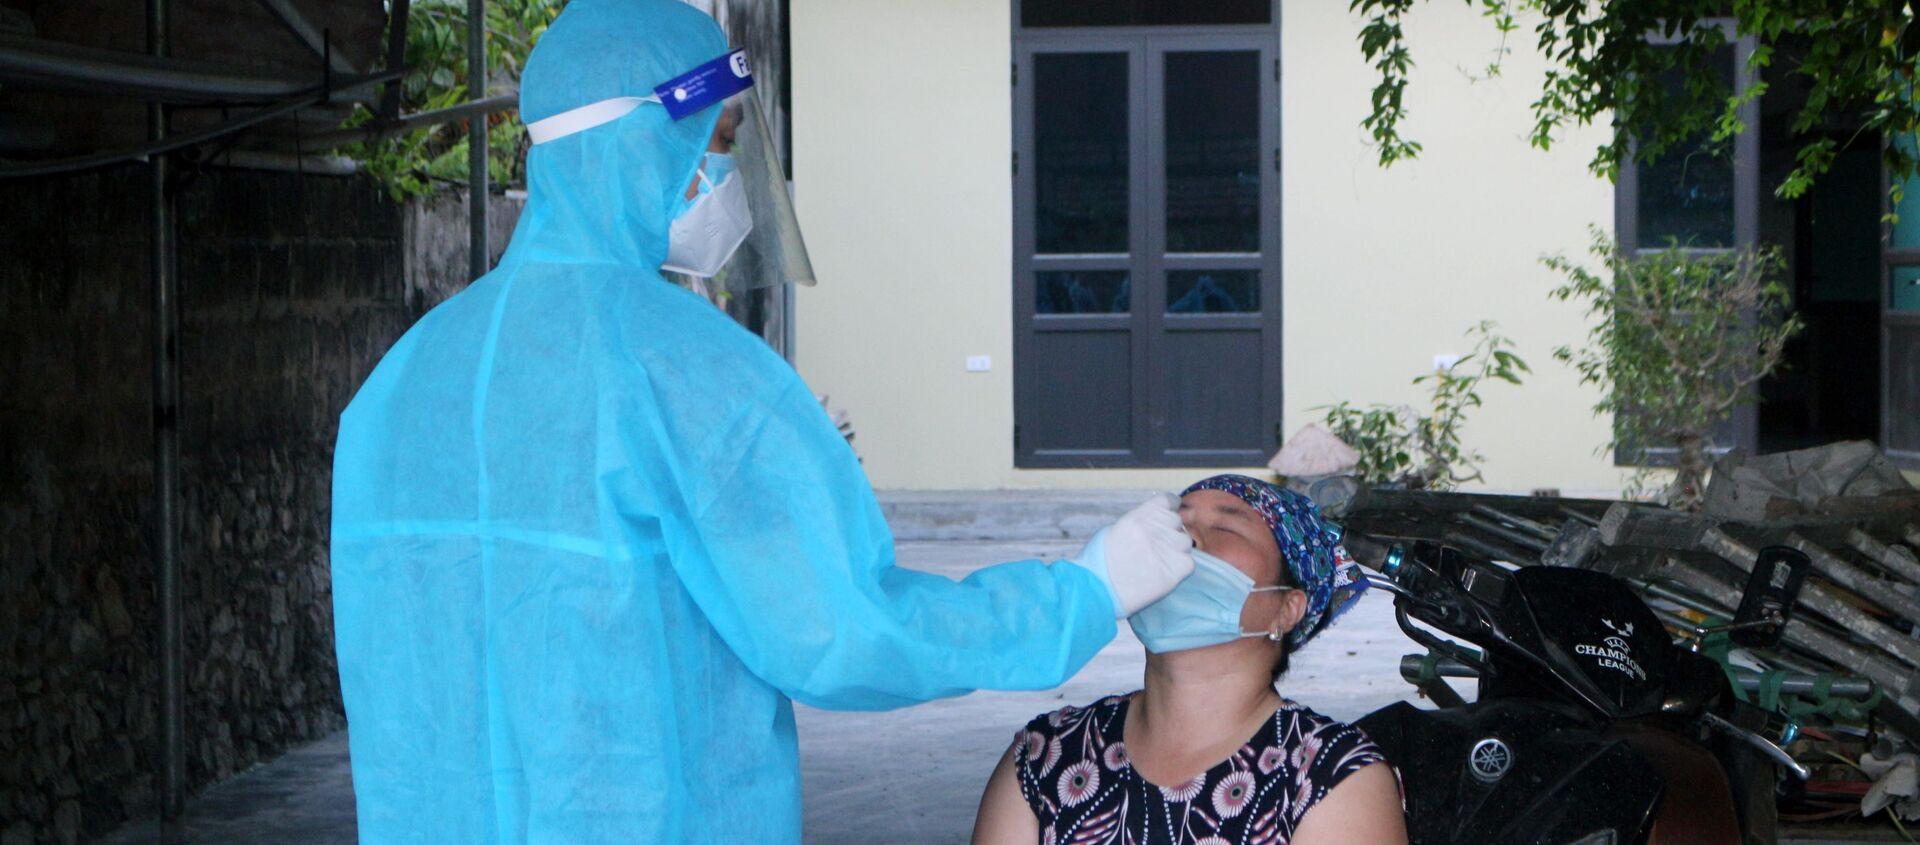 Trung tâm Kiểm soát bệnh tật tỉnh Hà Nam và Trung tâm Y tế huyện Kim Bảng tiến hành lấy mẫu xét nghiệm Covid-19 cho toàn bộ người dân thôn 4, xã Thi Sơn - Sputnik Việt Nam, 1920, 06.07.2021